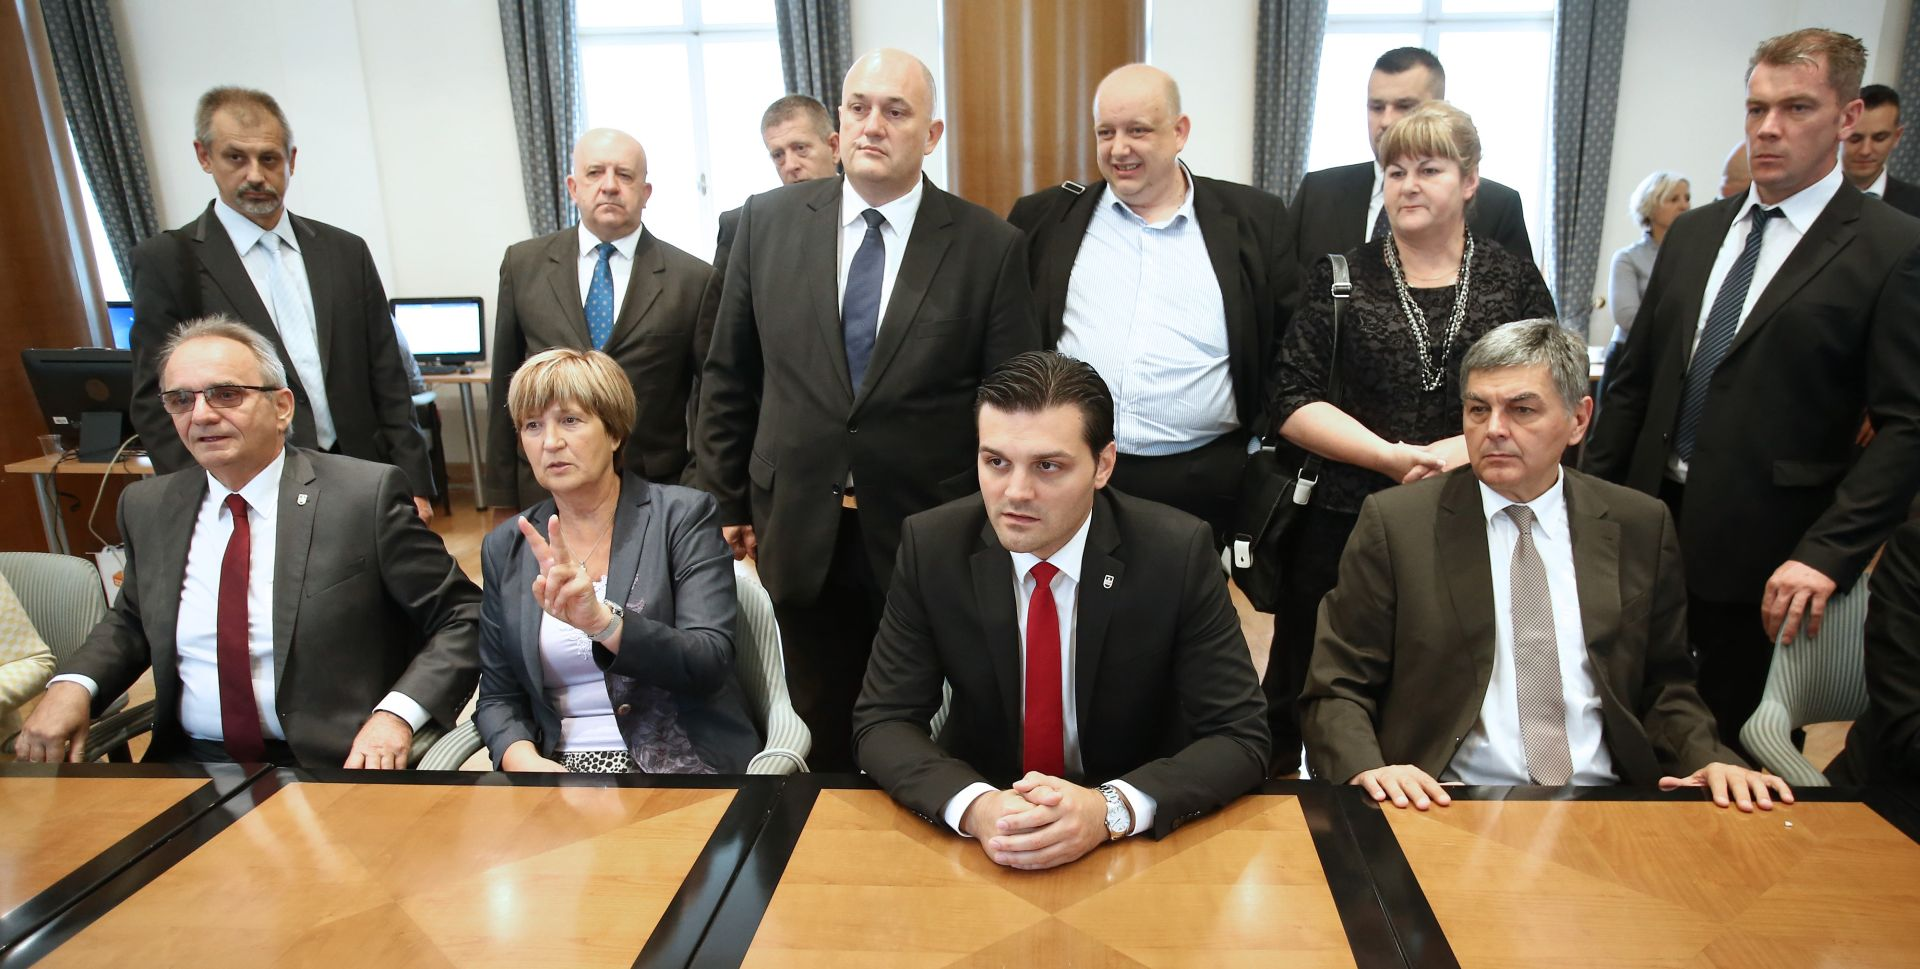 Ruža Tomašić pozvala pravaške glasače da daju glas koaliciji HDSSB-a i Konzervativaca